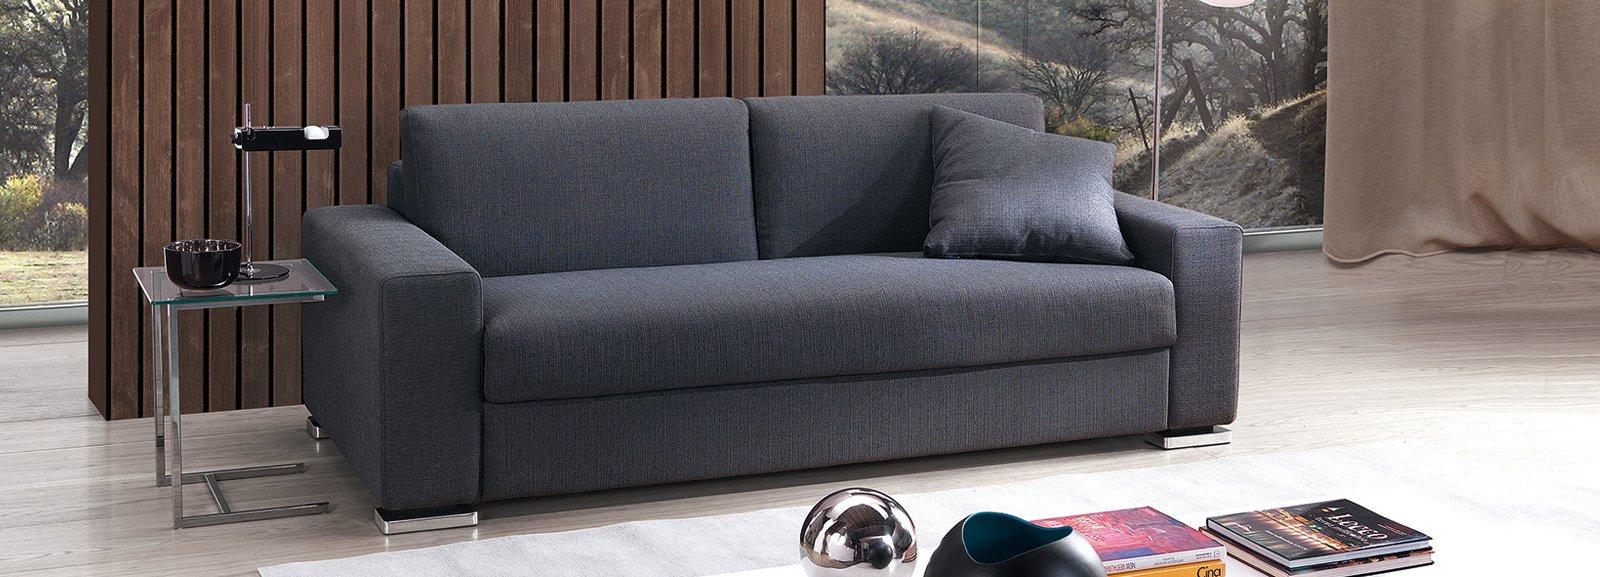 Evi divani lineari cose di casa for Divani nuovi